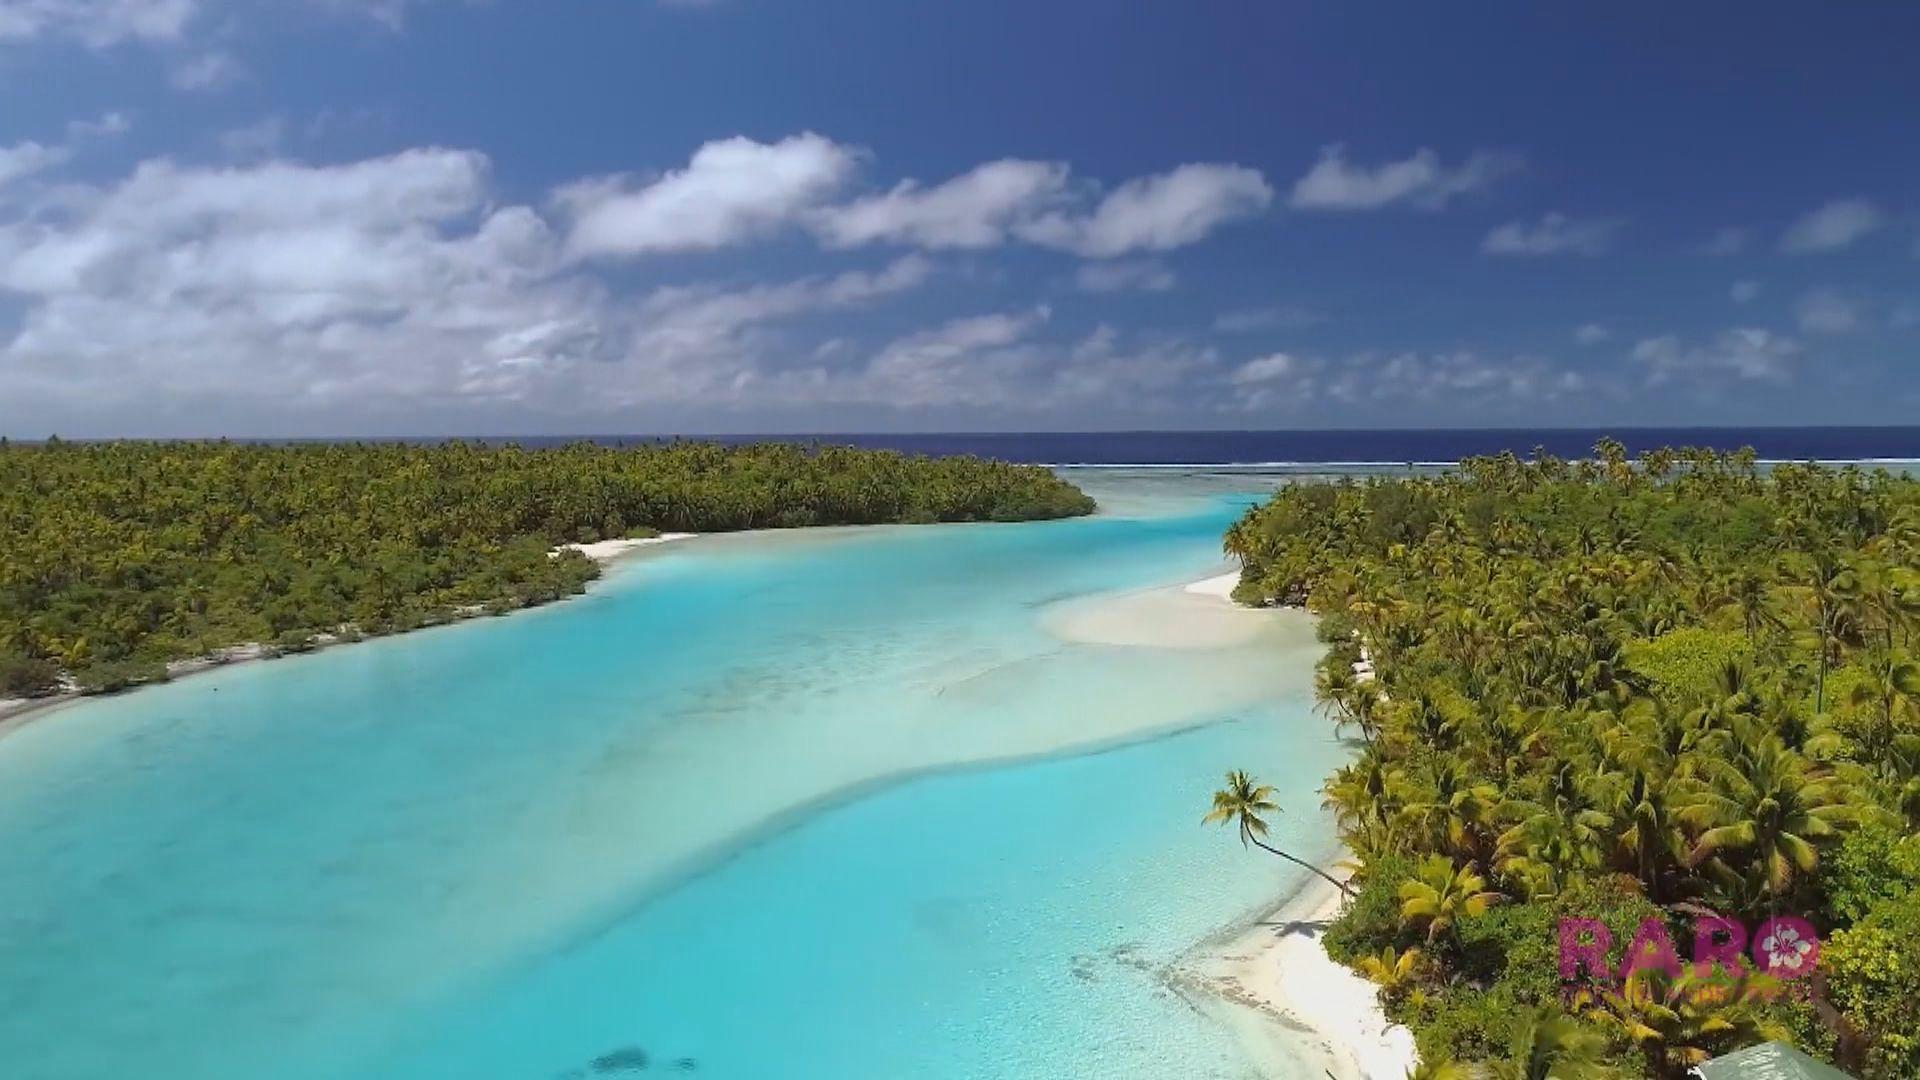 新西蘭與南太平洲島國庫克群島本月17日開啟旅遊氣泡